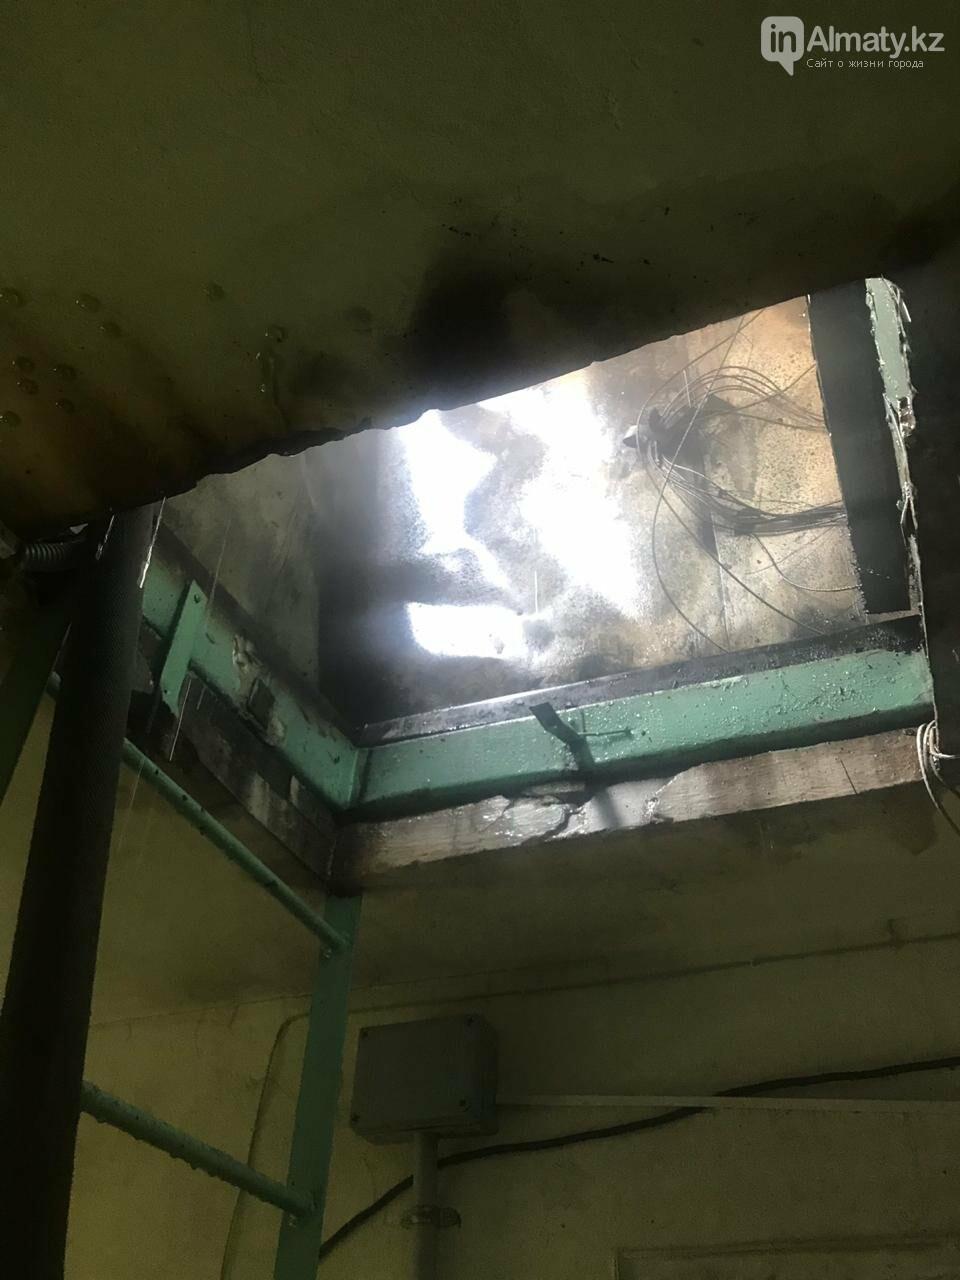 Из горящей многоэтажки в Алматы вынесли 91-летнего пенсионера, фото-2